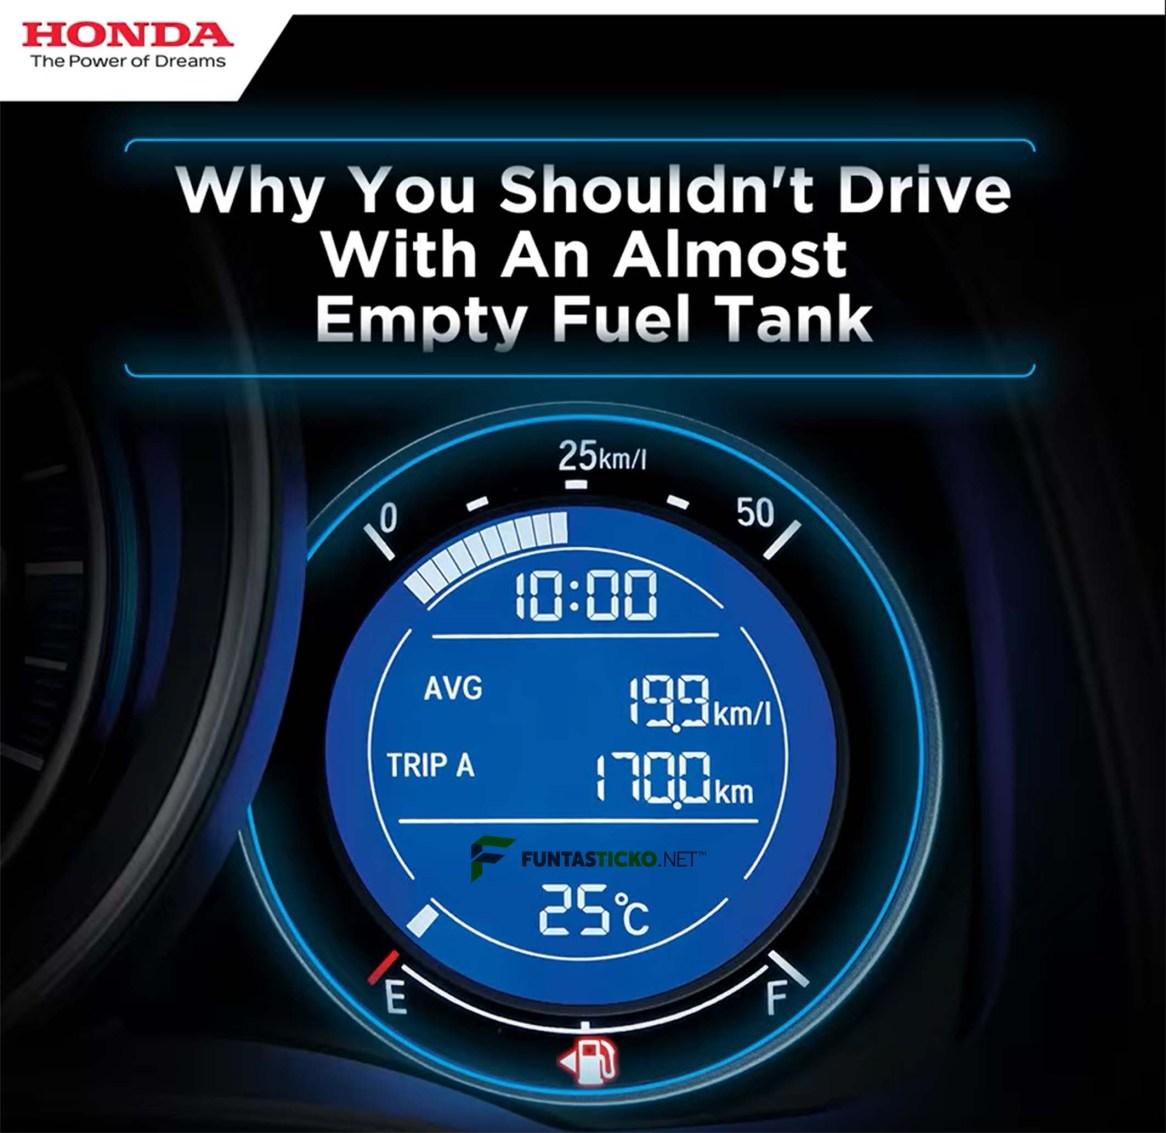 Elakkan memandu jika tangki minyak kereta hampir kering